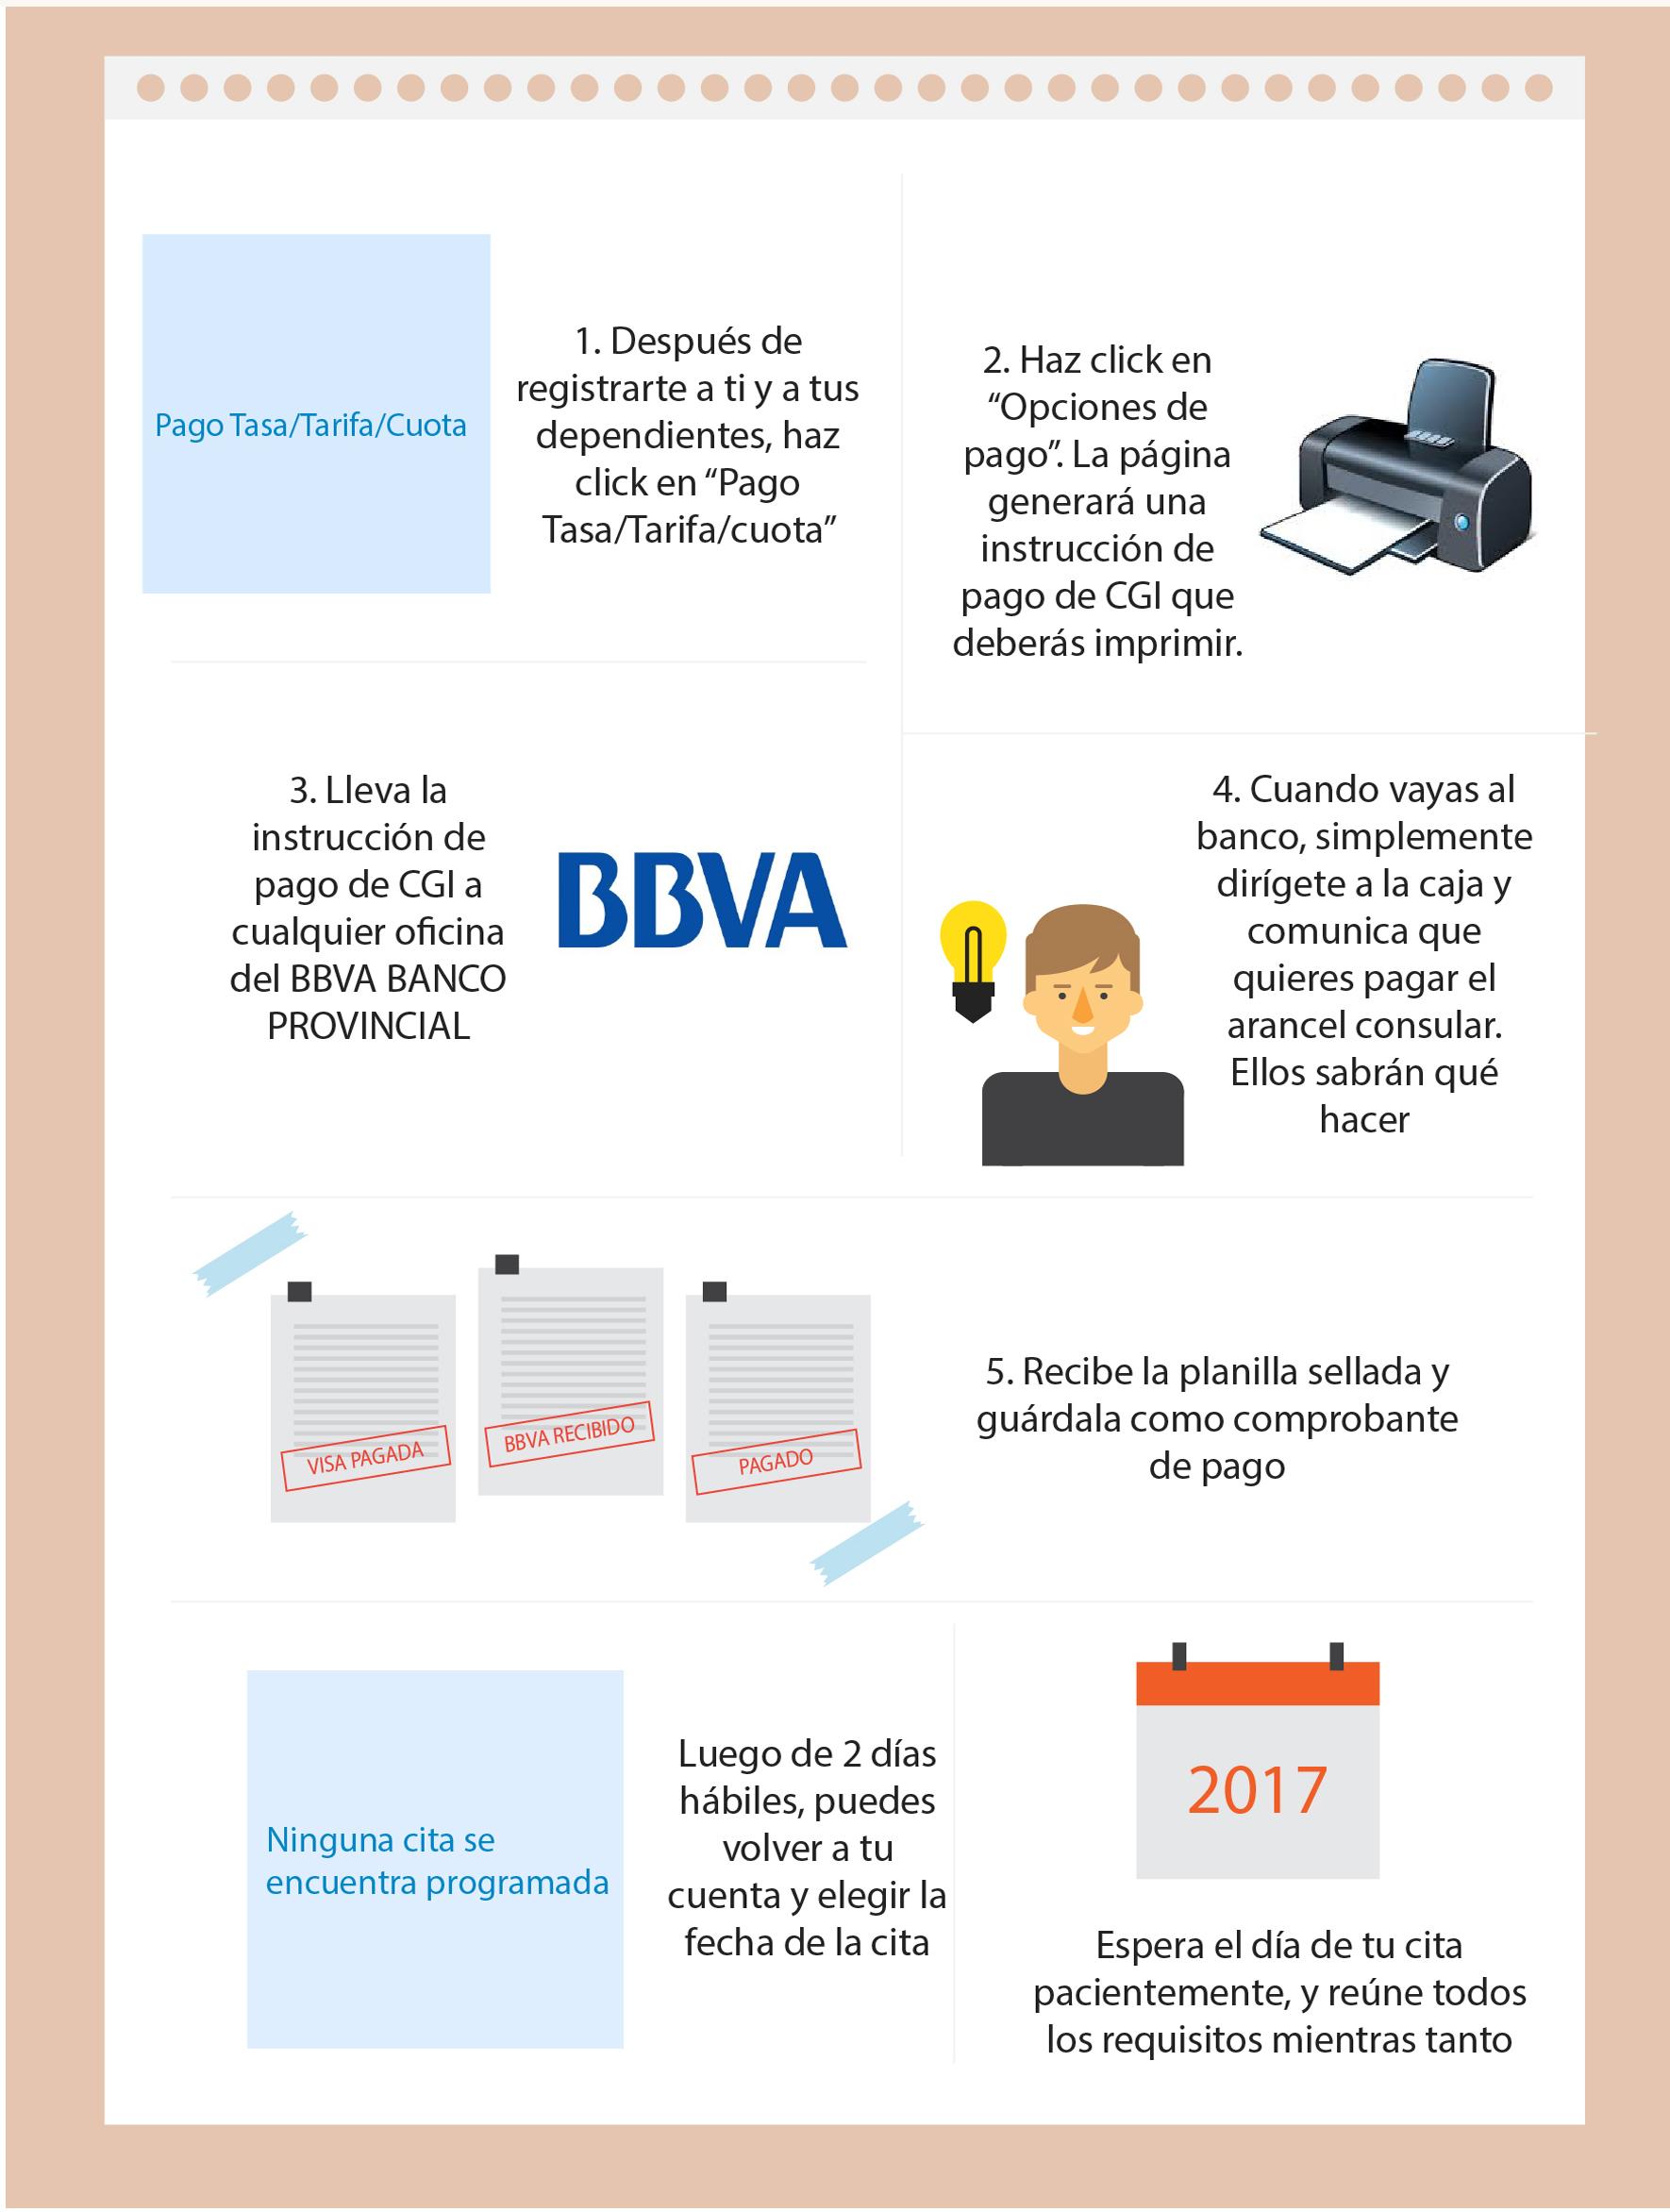 Como realizar la cita para la visa en la Embajada de Estados Unidos en Venezuela (10)